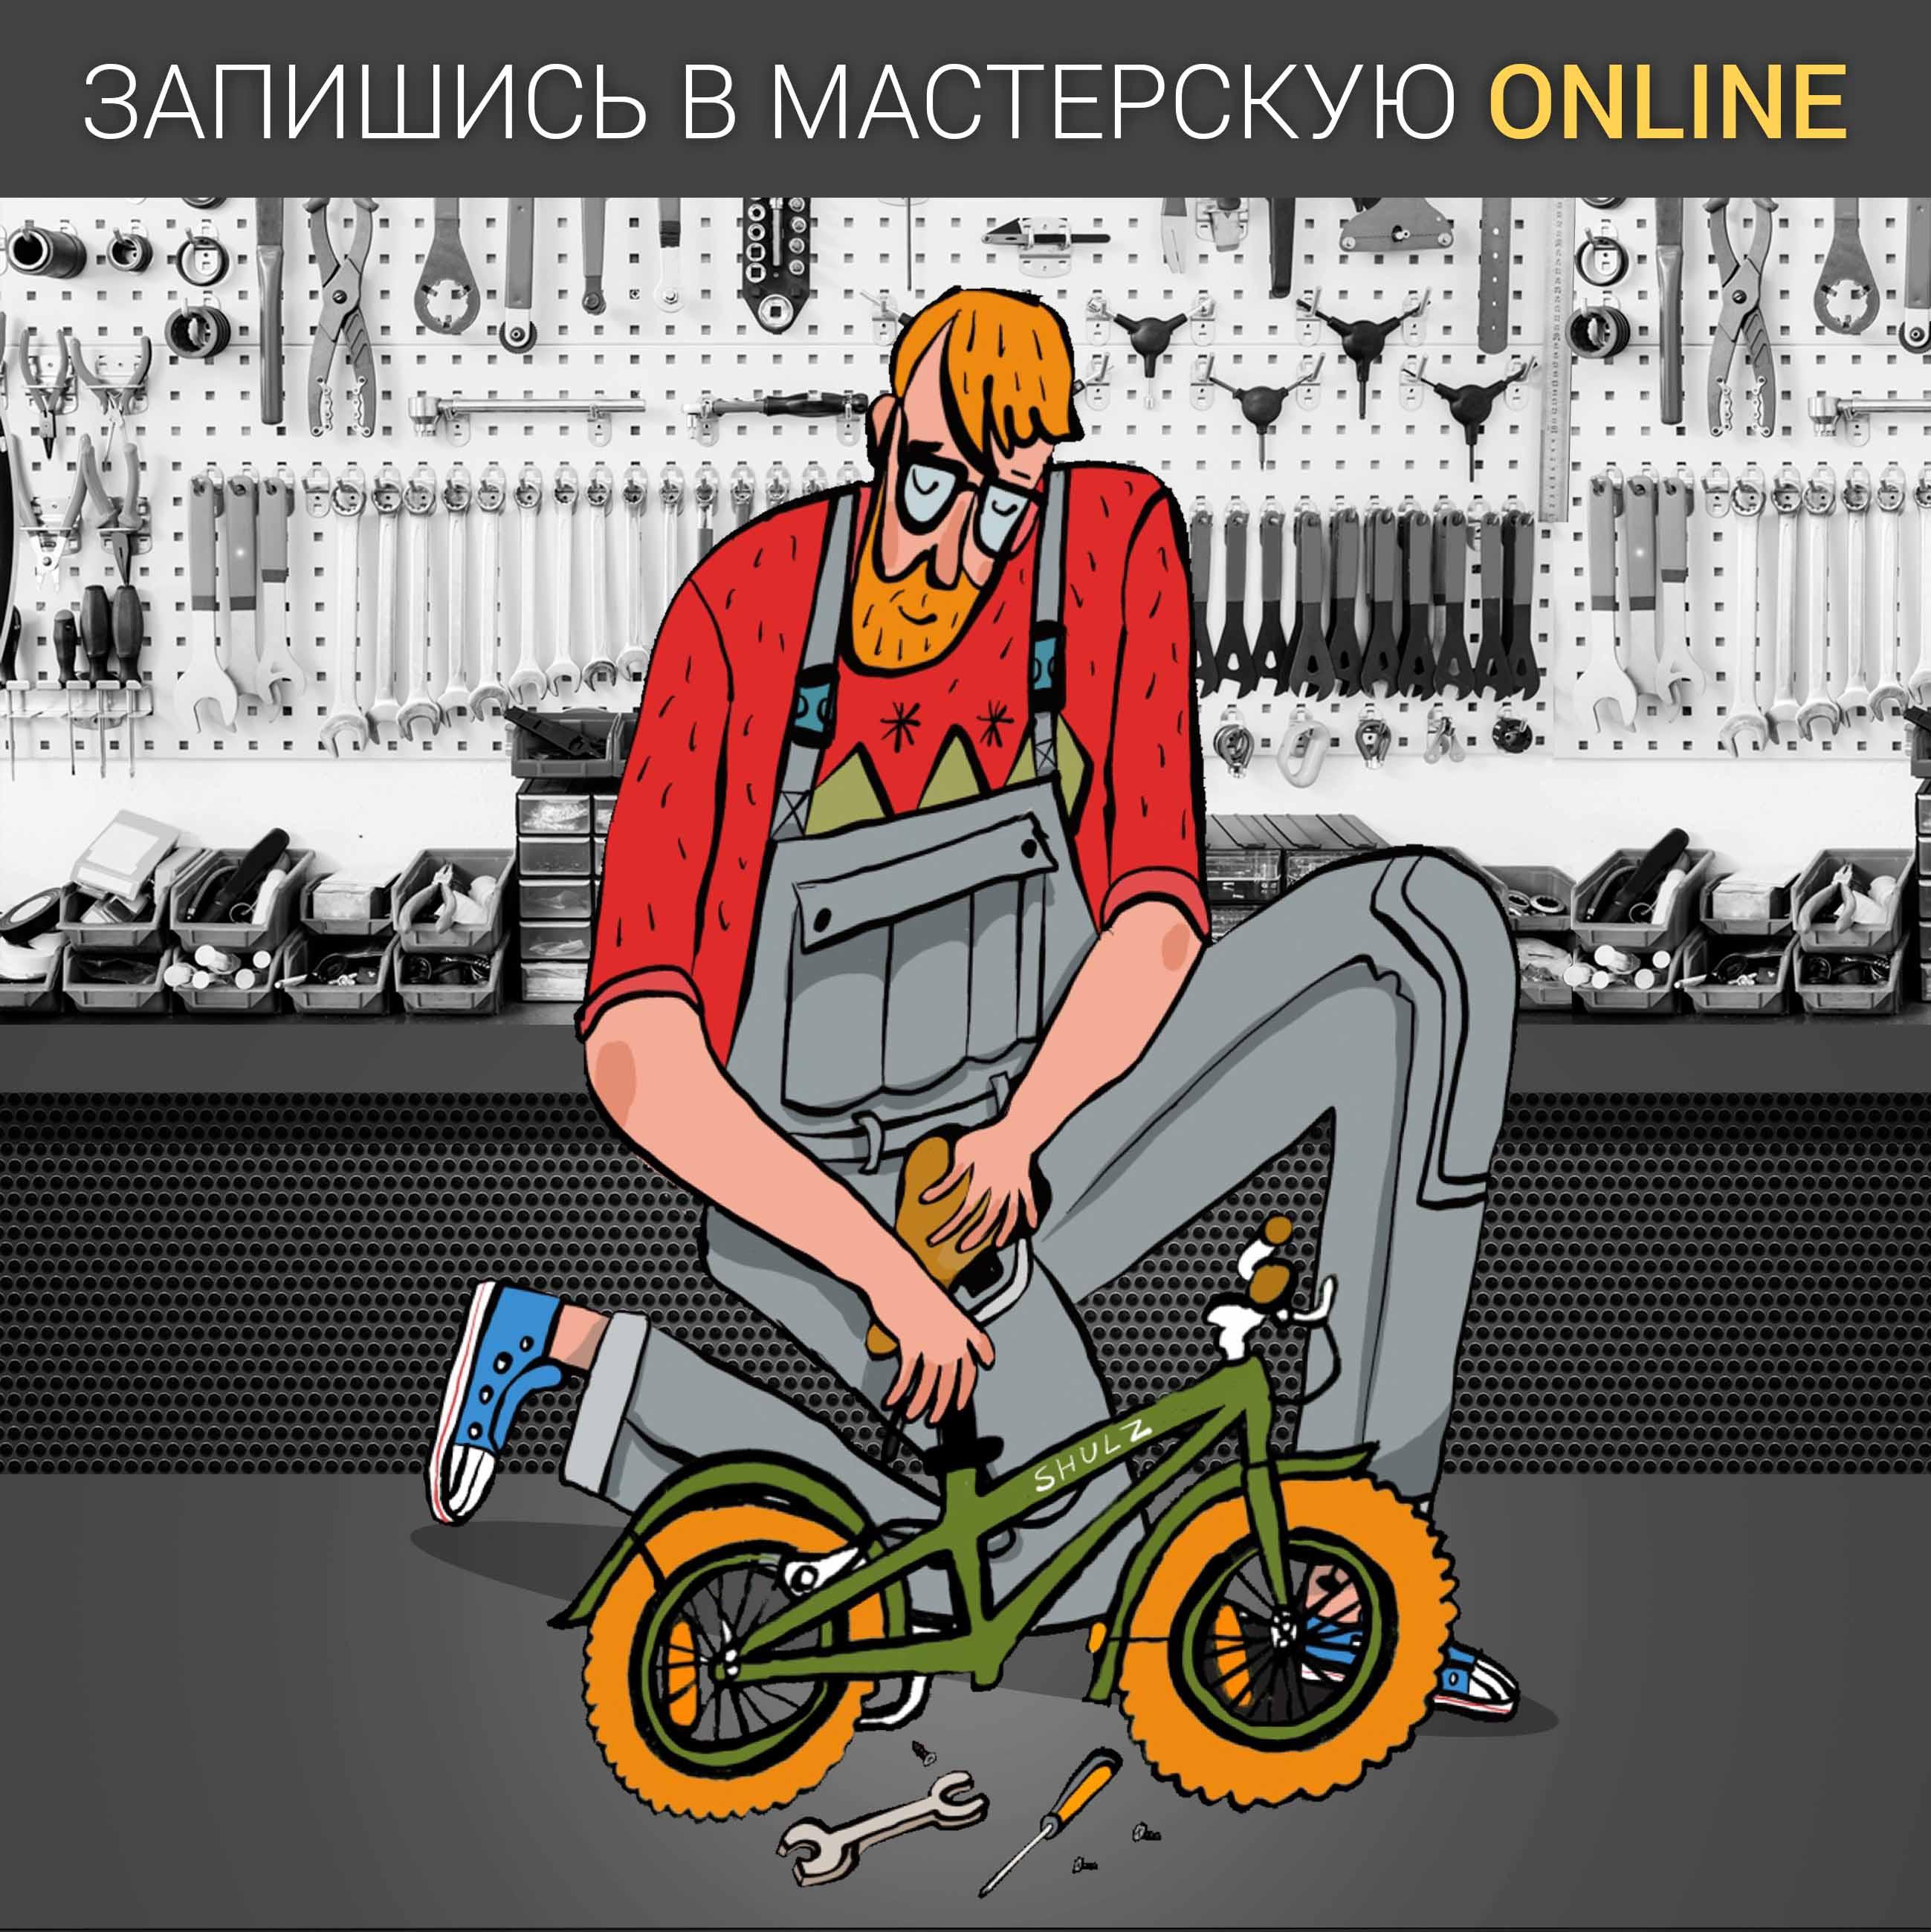 Запишись в мастерскую онлайн